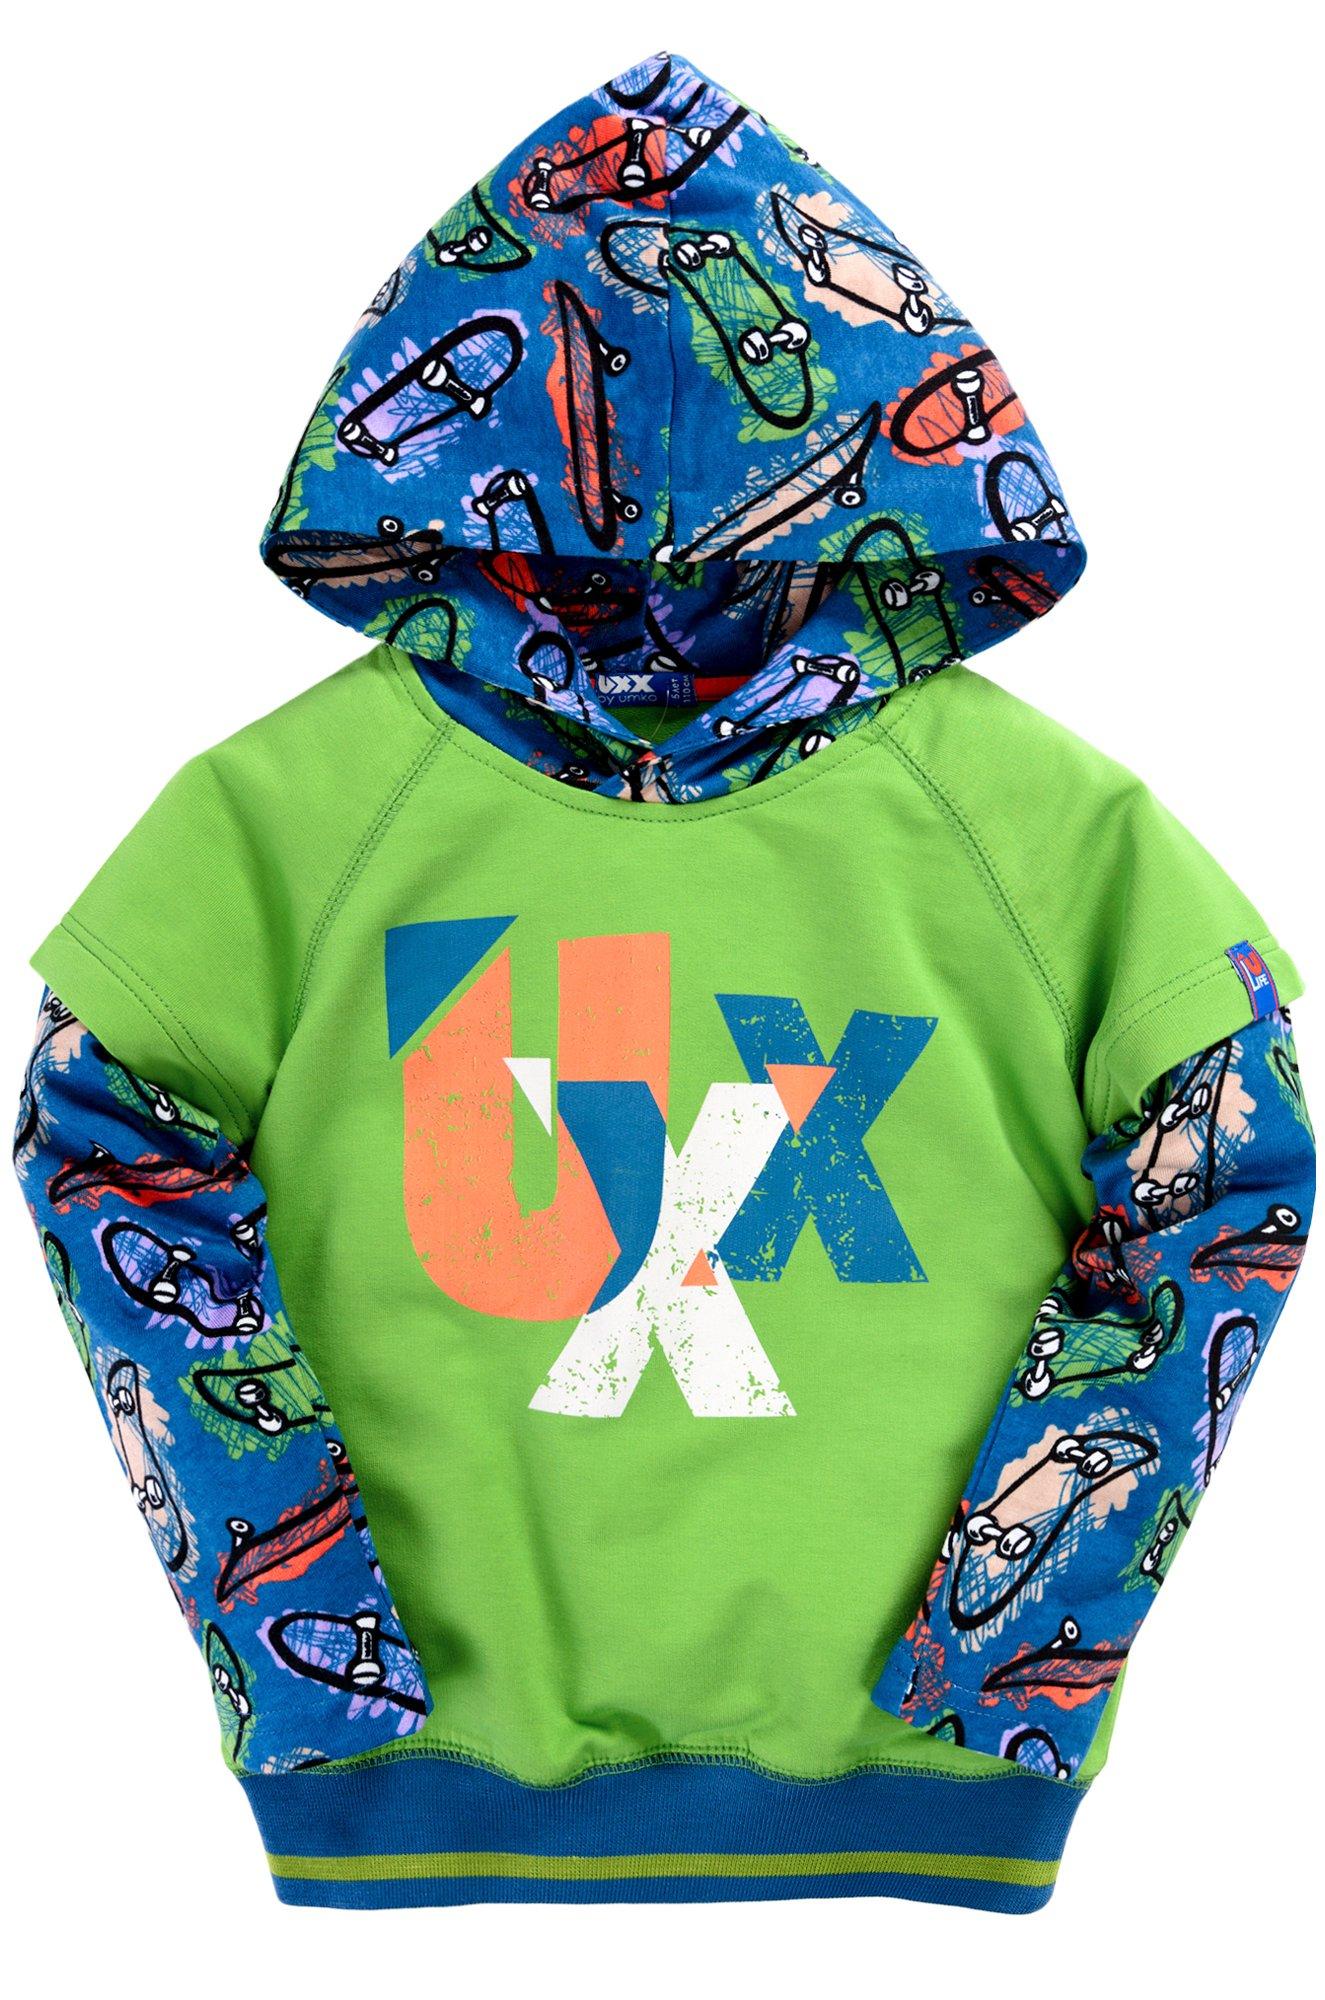 027f21ef Толстовка для мальчика Umka 10500411811 зеленый купить оптом в ...